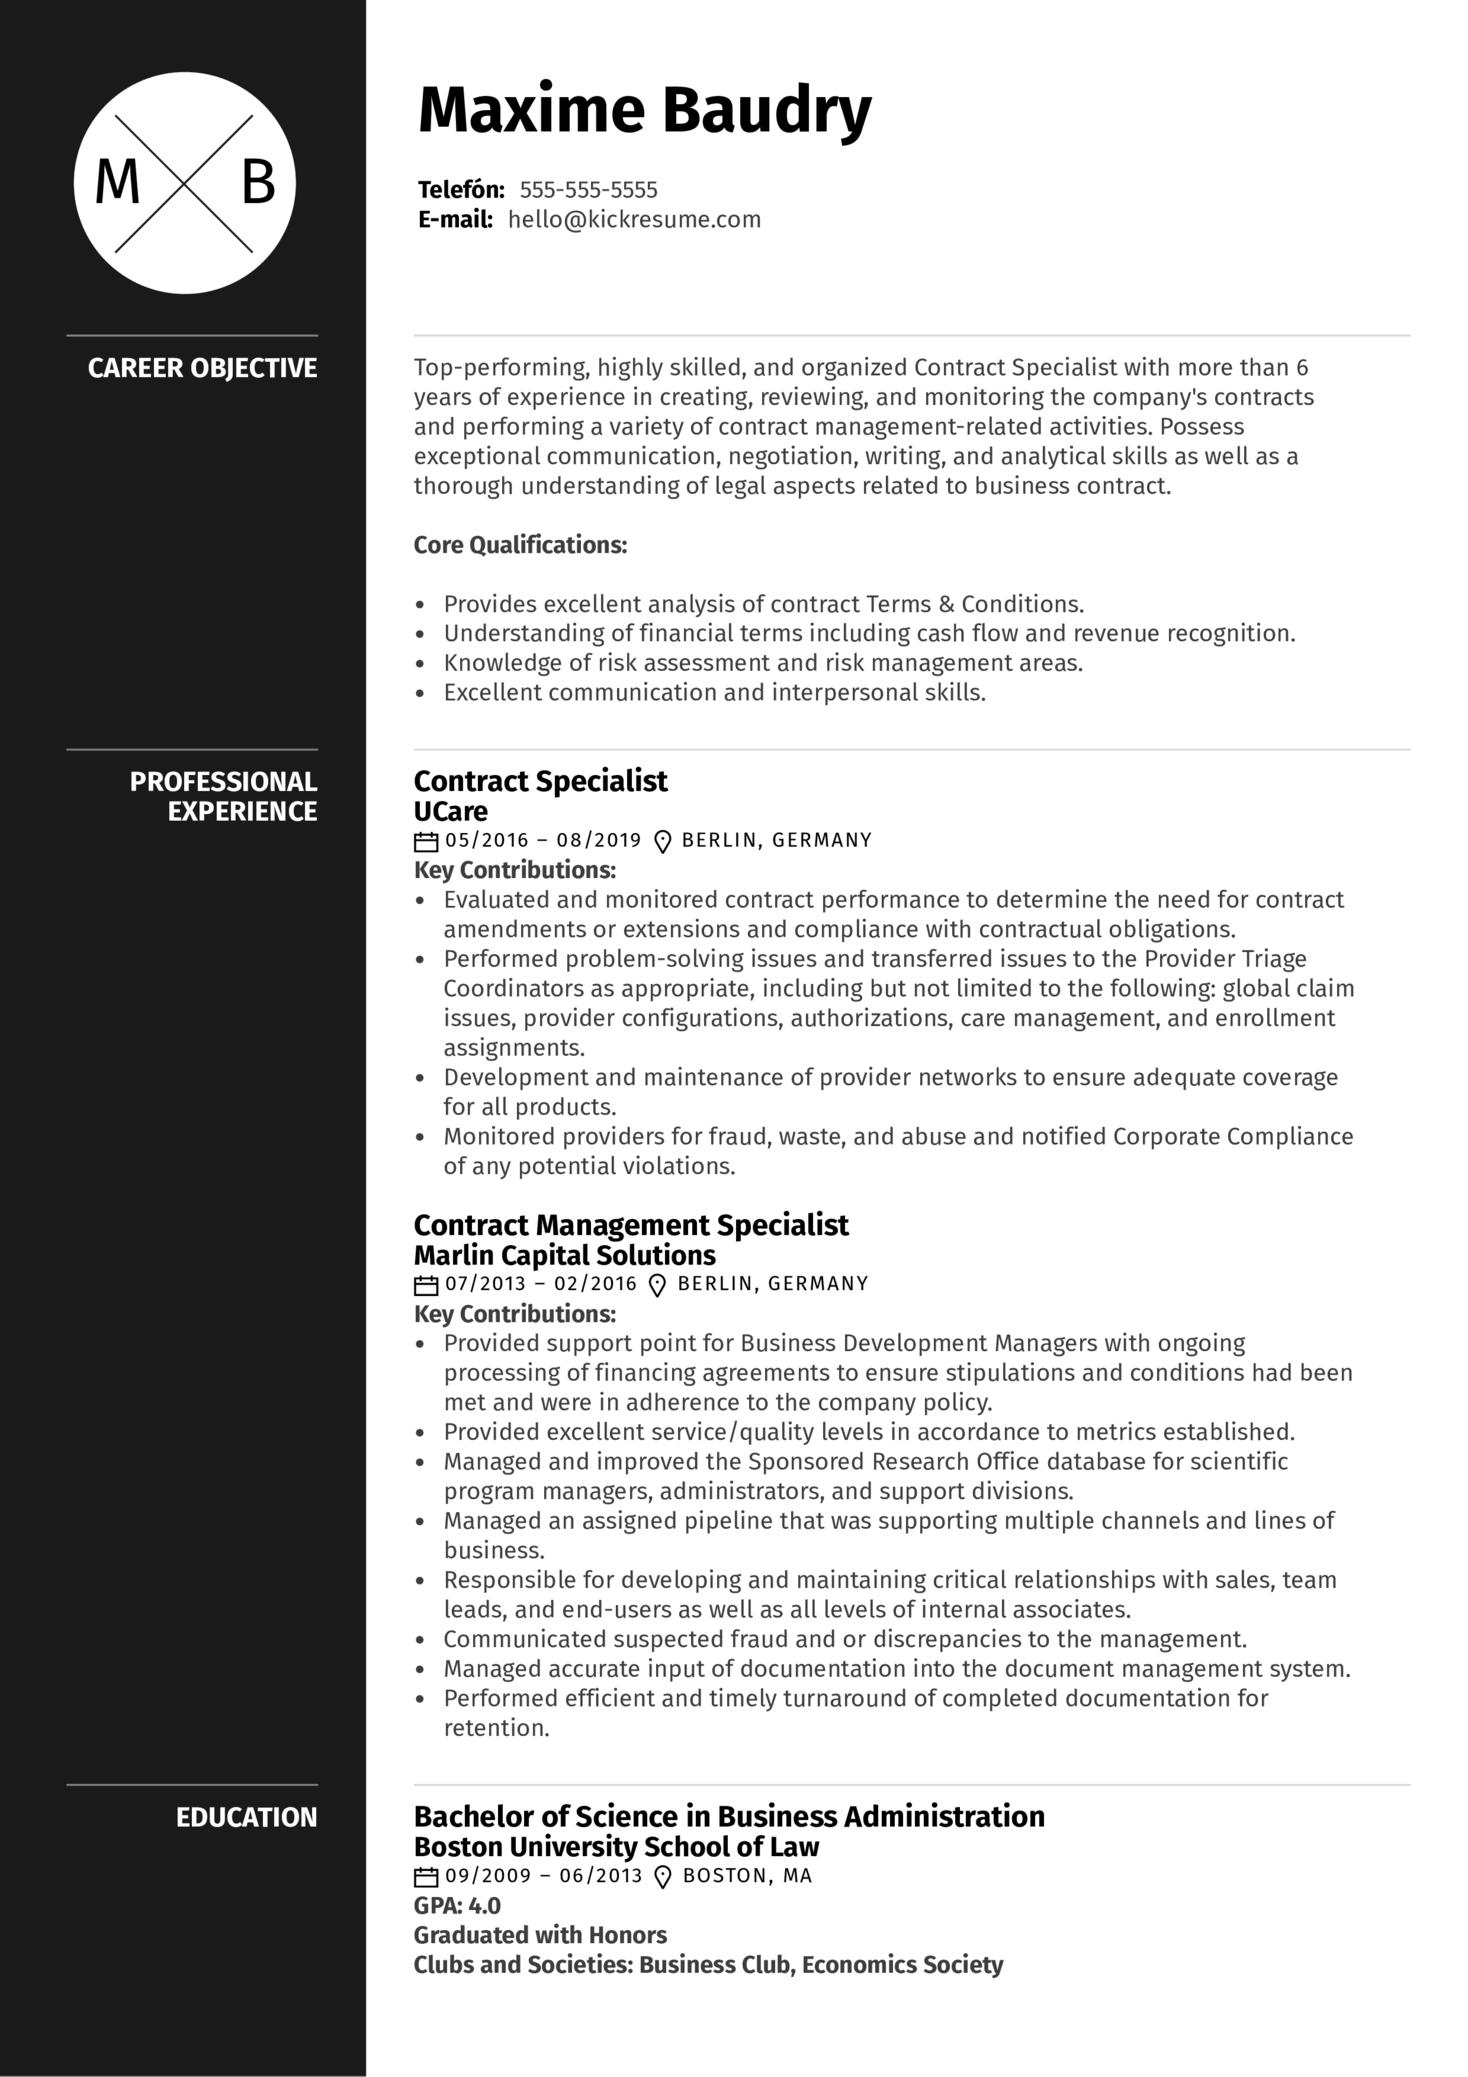 Contract Specialist Resume Example (časť 1)